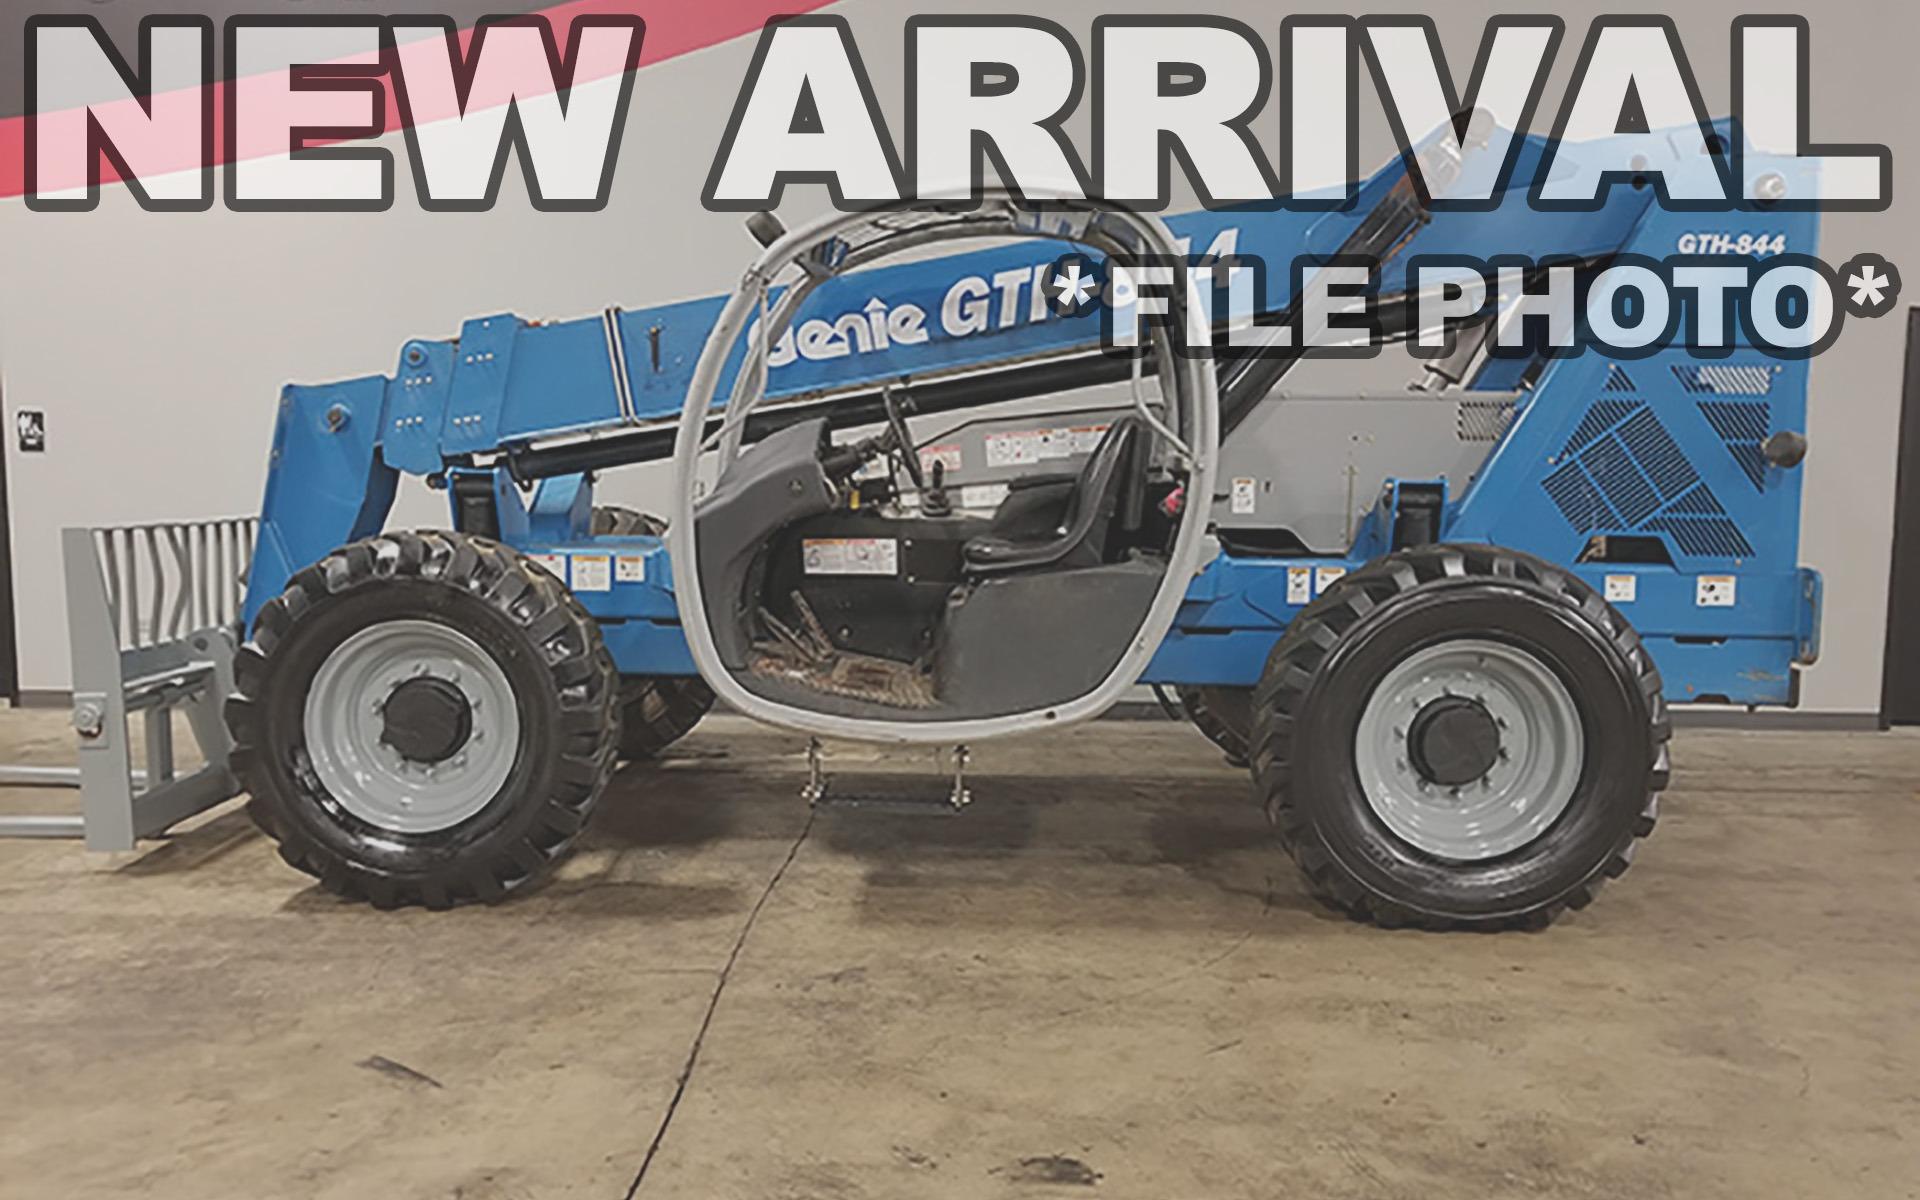 Used 2007 GENIE GTH-844  | Cary, IL